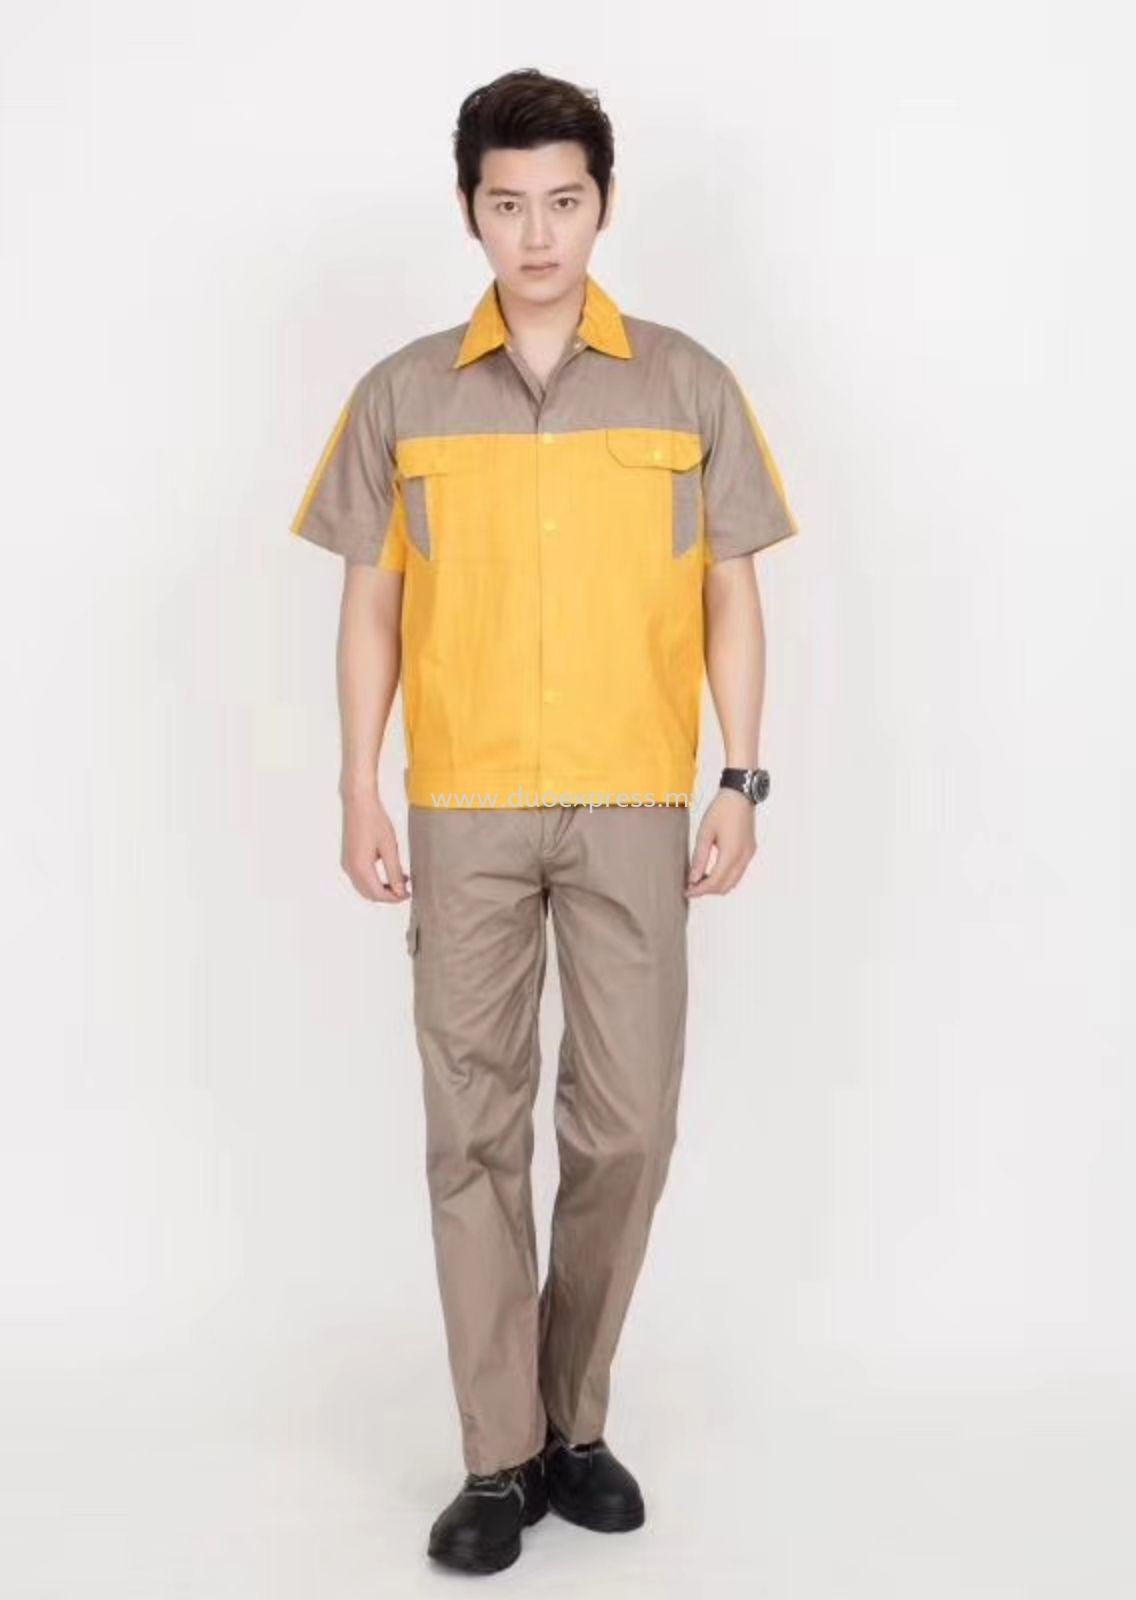 Factory Worker Shirt & Pants